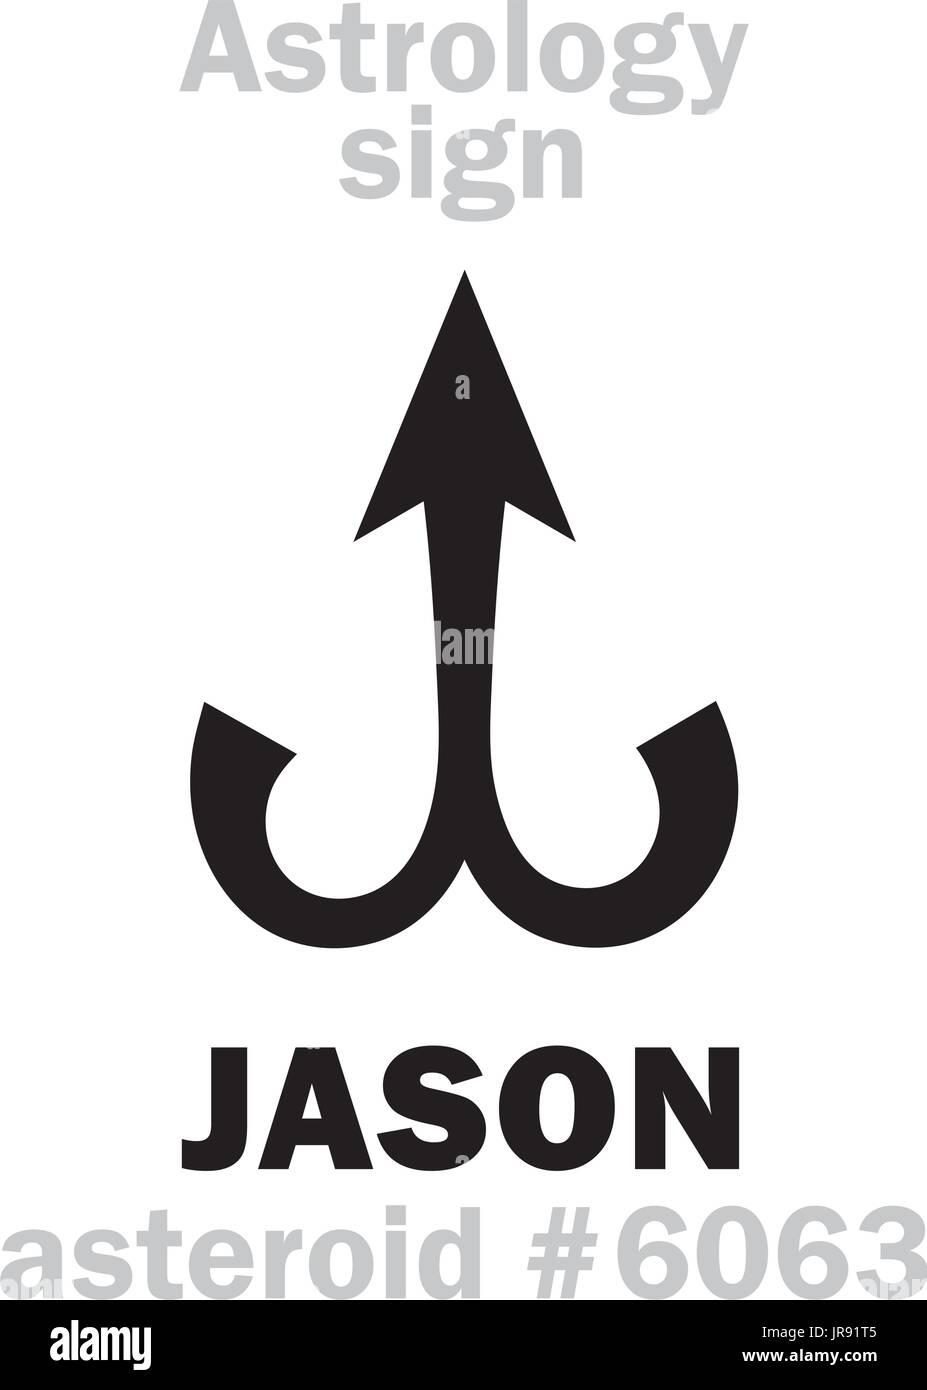 Astrology Alphabet: JASON, asteroid #6063  Hieroglyphics